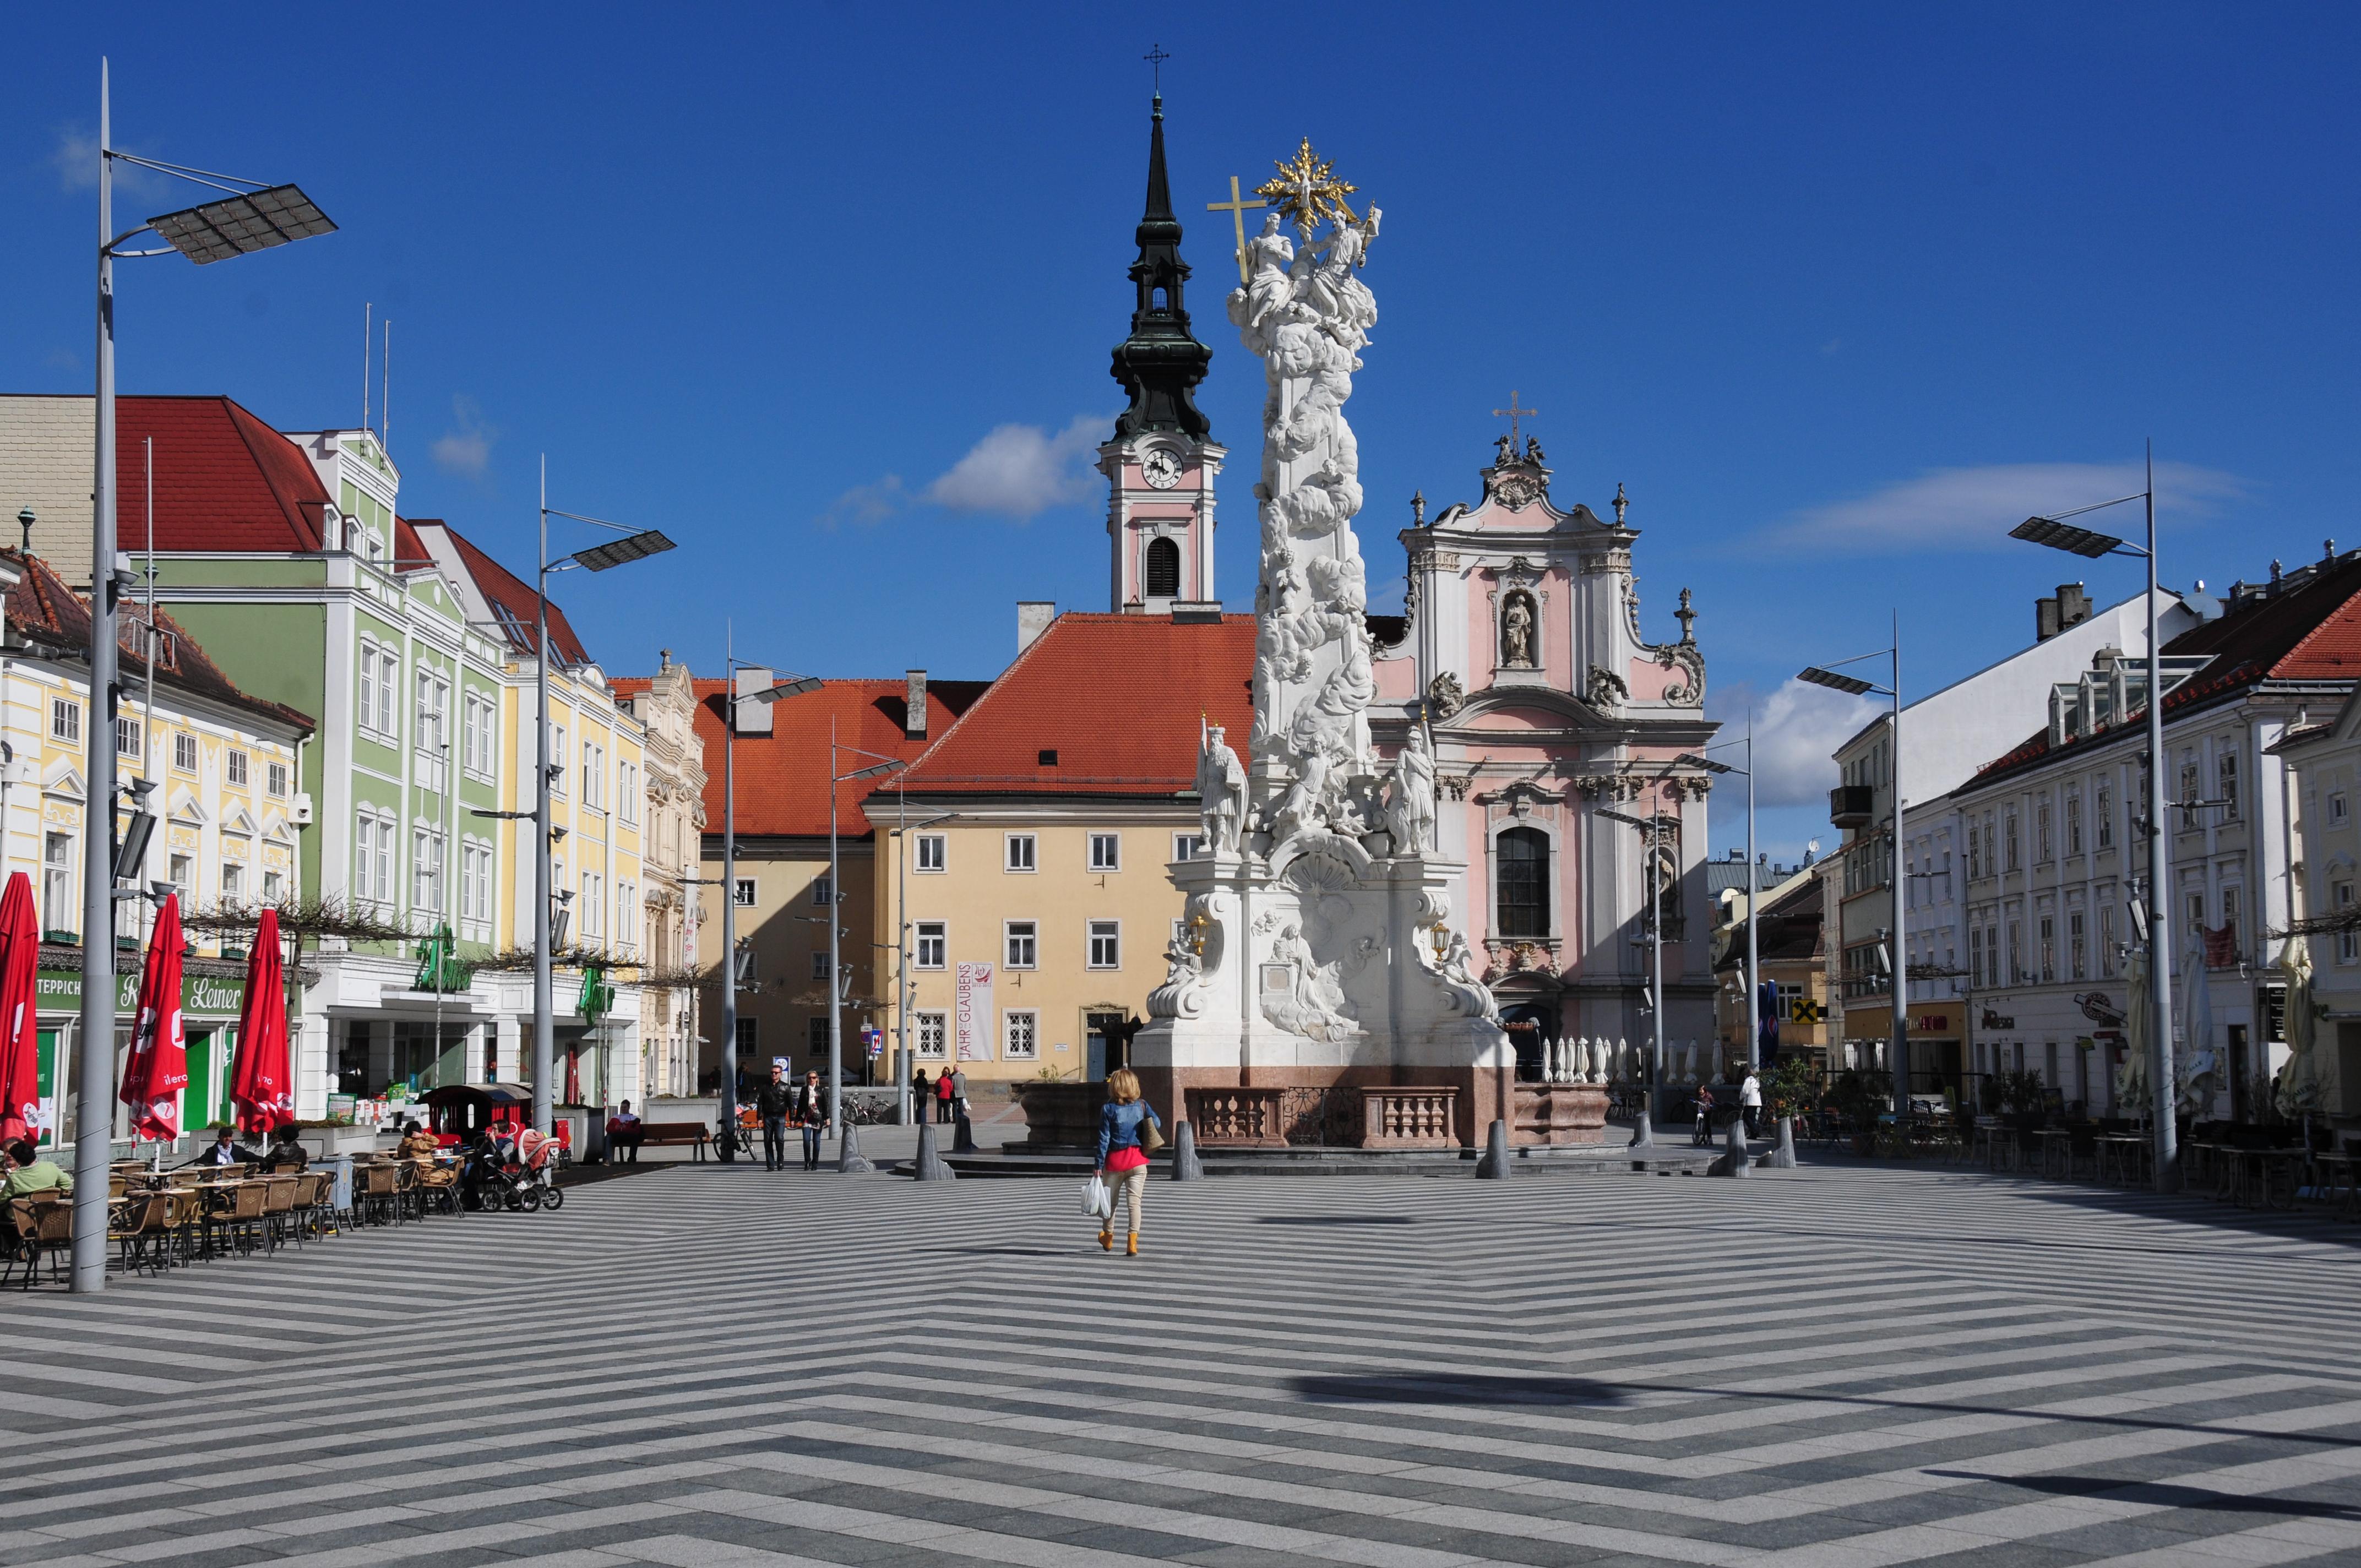 Sankt Polten Austria  City pictures : sankt polten, Niederosterreich, Austria What happens in sankt polten ...